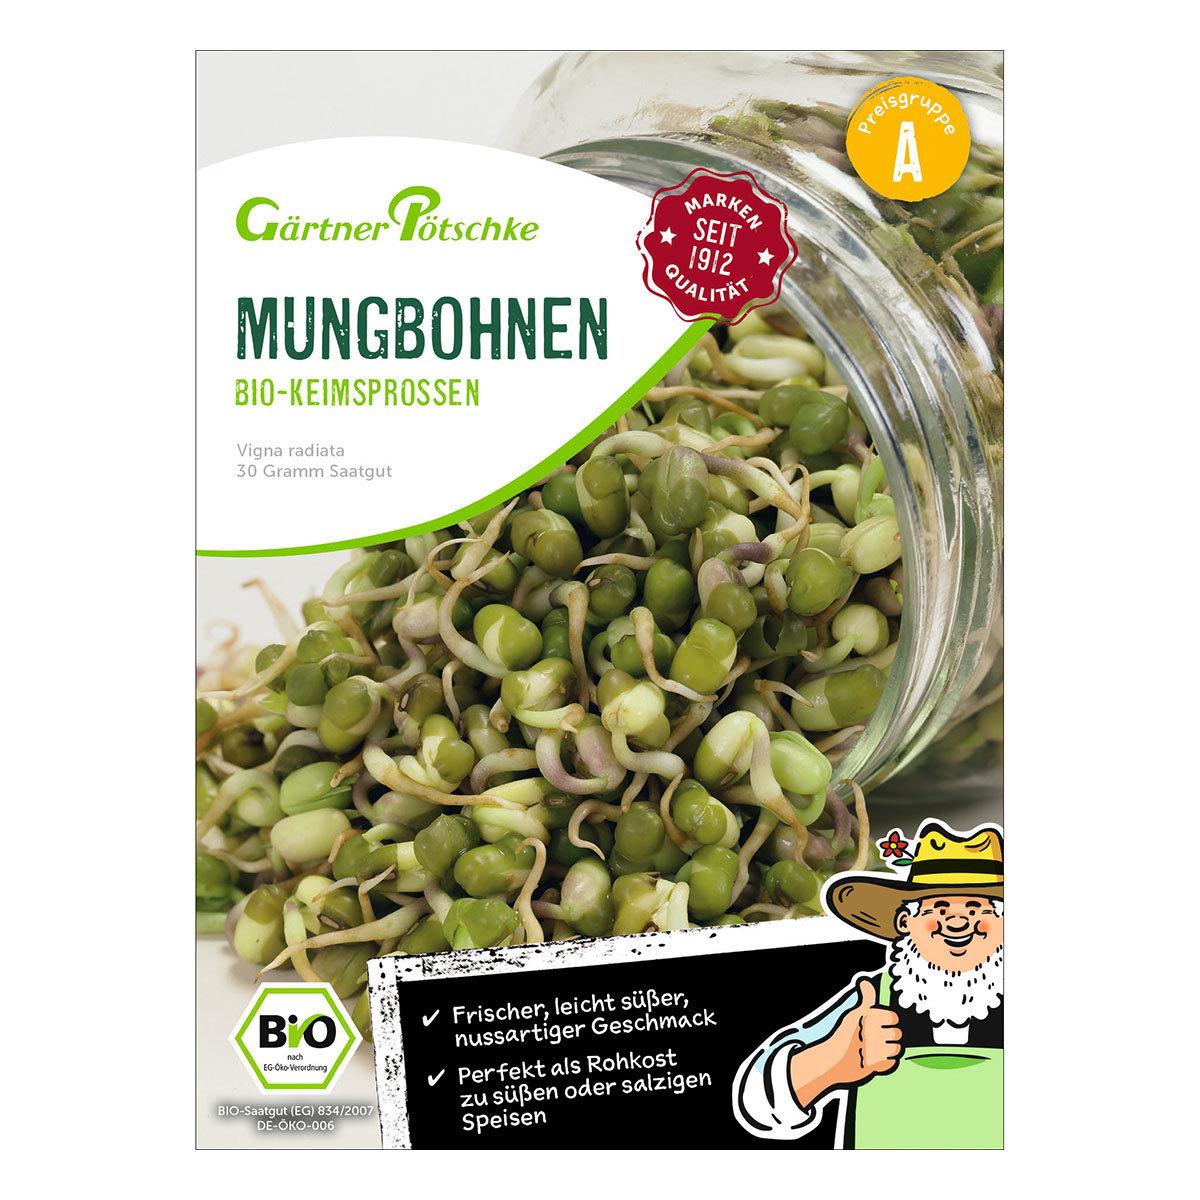 BIO Keimsprossen Mungbohnen, 30 g